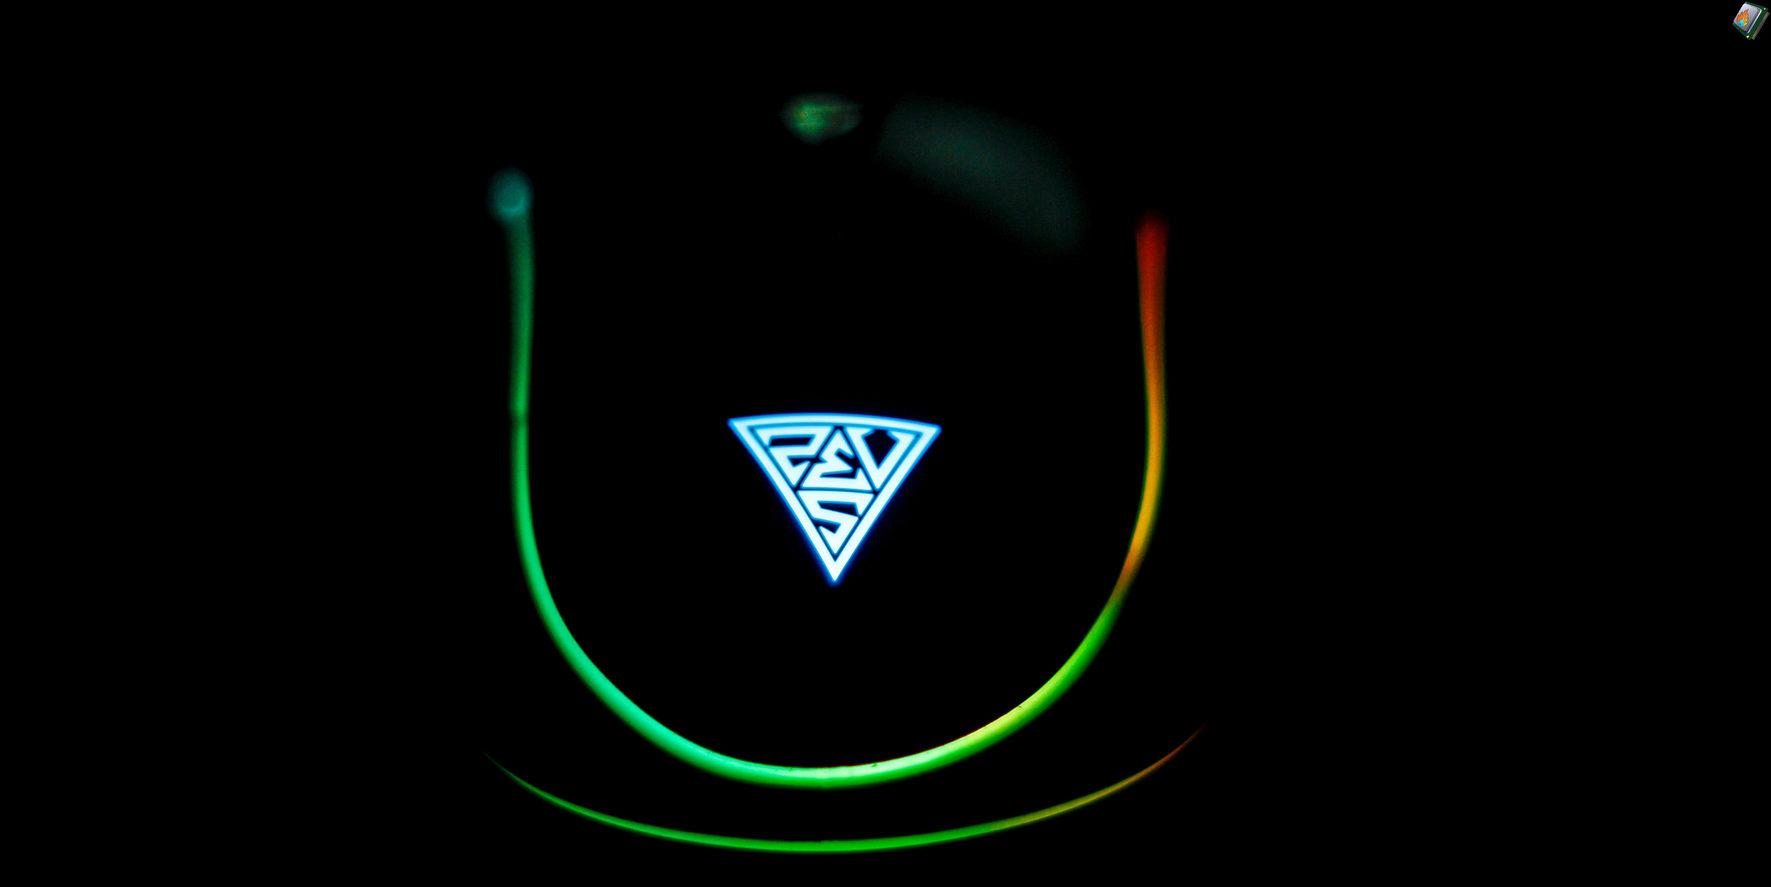 漢科電腦引入 GAMDIAS  新推 12000 DPI 光學感應滑鼠 Zeus P1